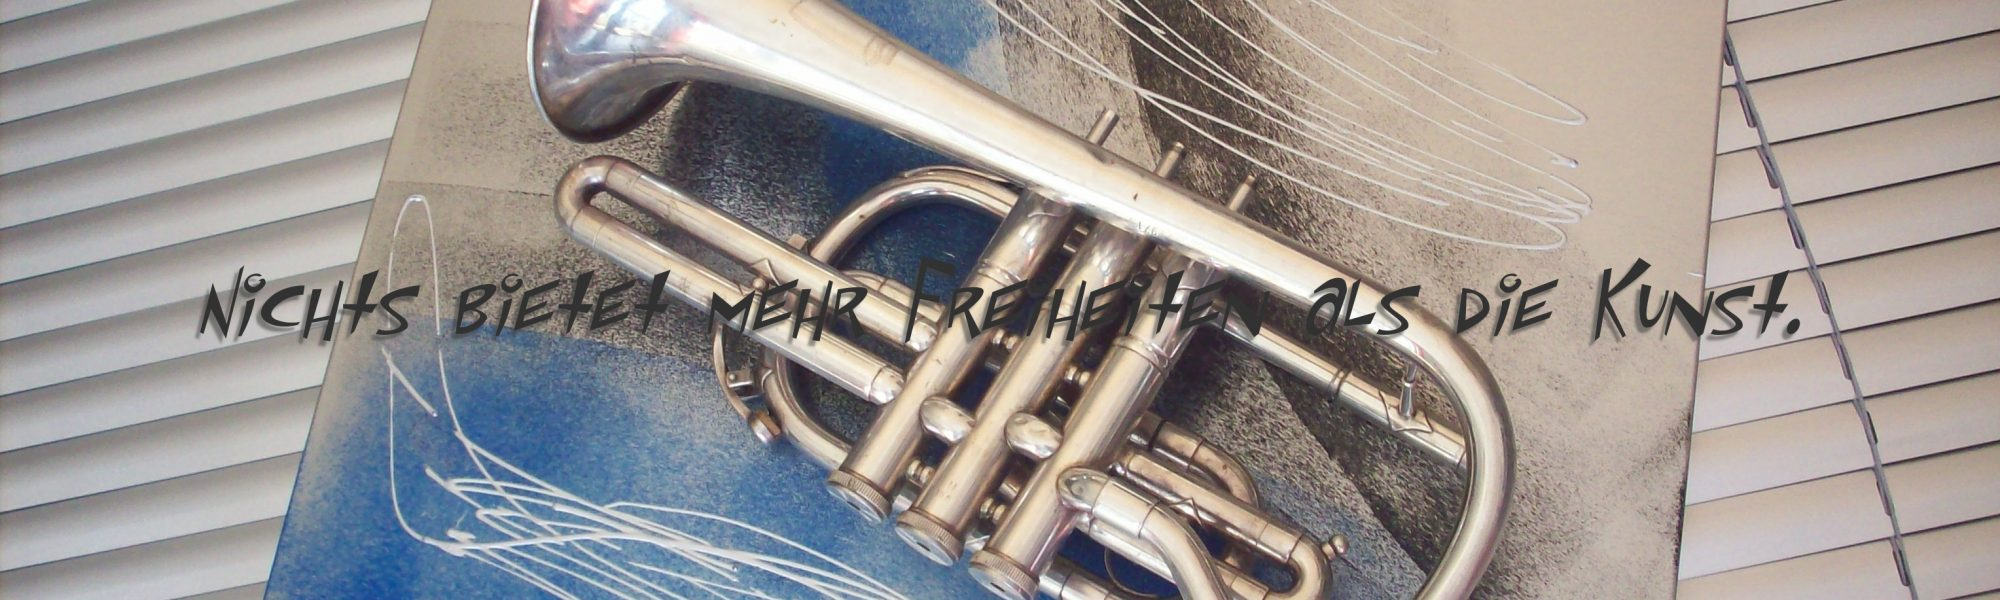 Slide Startseite Instrument